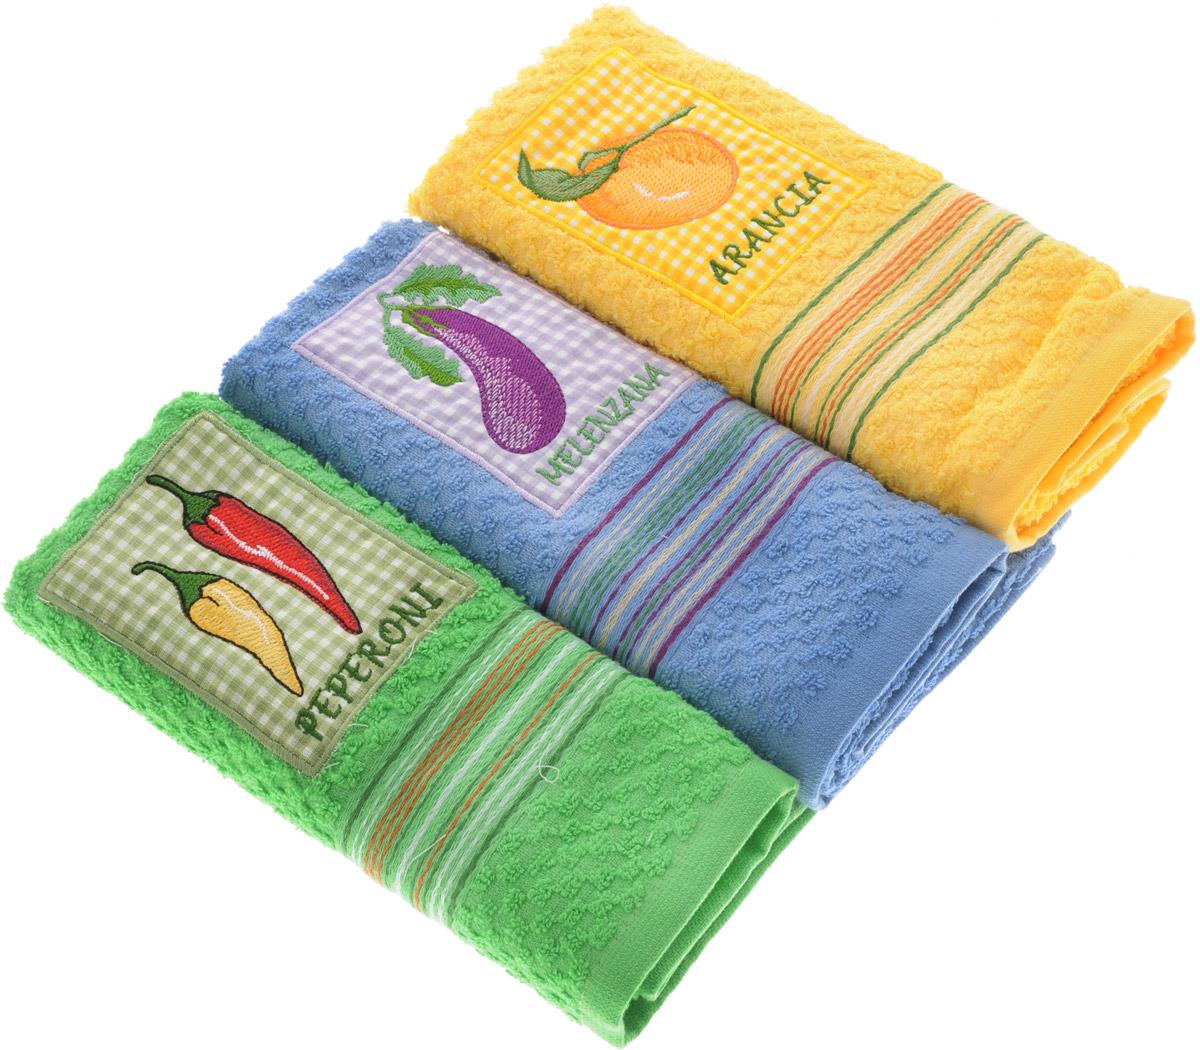 Набор полотенец Bonita Аппликация, цвет: желтый, синий, зеленый, 40 х 60 см, 3 шт2001311957_перец, баклажан, апельсинНабор из трех полотенец Bonita Аппликация, изготовленных из натурального хлопка, идеально дополнит интерьер вашей кухни и создаст атмосферу уюта и комфорта. Каждое полотенце оформлено вышивкой.Изделия выполнены из натурального материала, поэтому являются экологически чистыми. Высочайшее качество материала гарантирует безопасность не только взрослых, но и самых маленьких членов семьи. Современный декоративный текстиль для дома должен быть экологически чистым продуктом и отличаться ярким и современным дизайном.